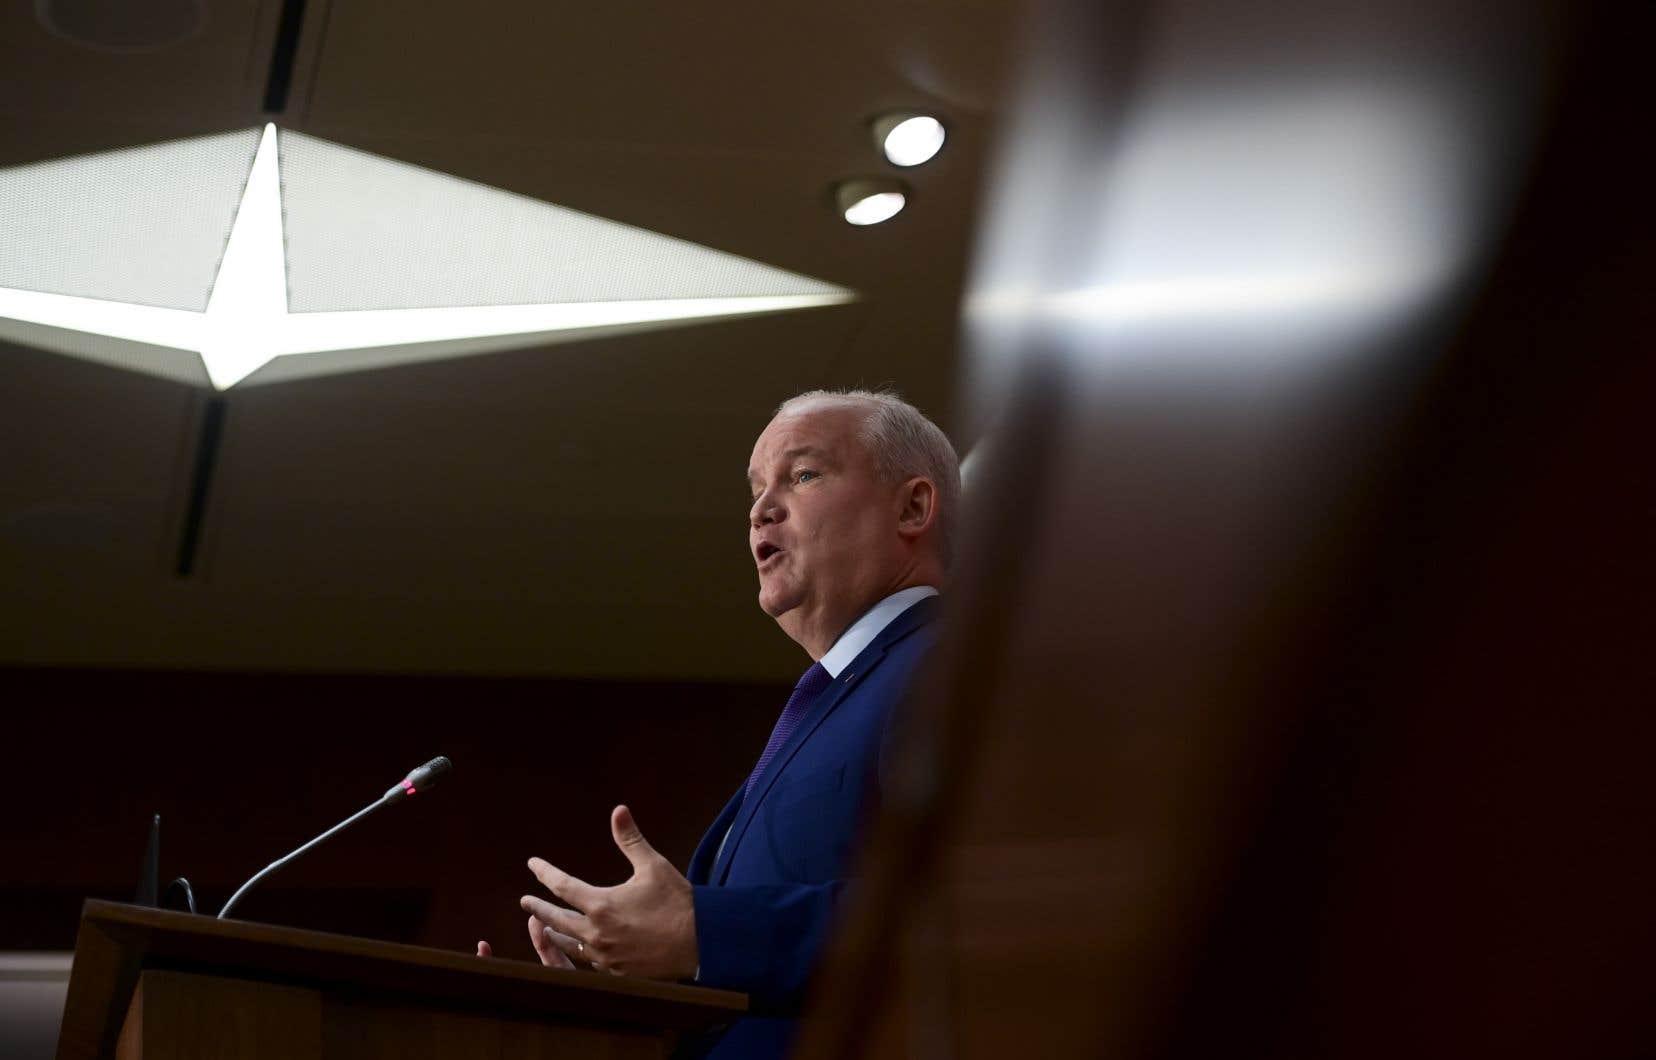 Le chef fraîchement élu du Parti conservateur du Canada, Erin O'Toole